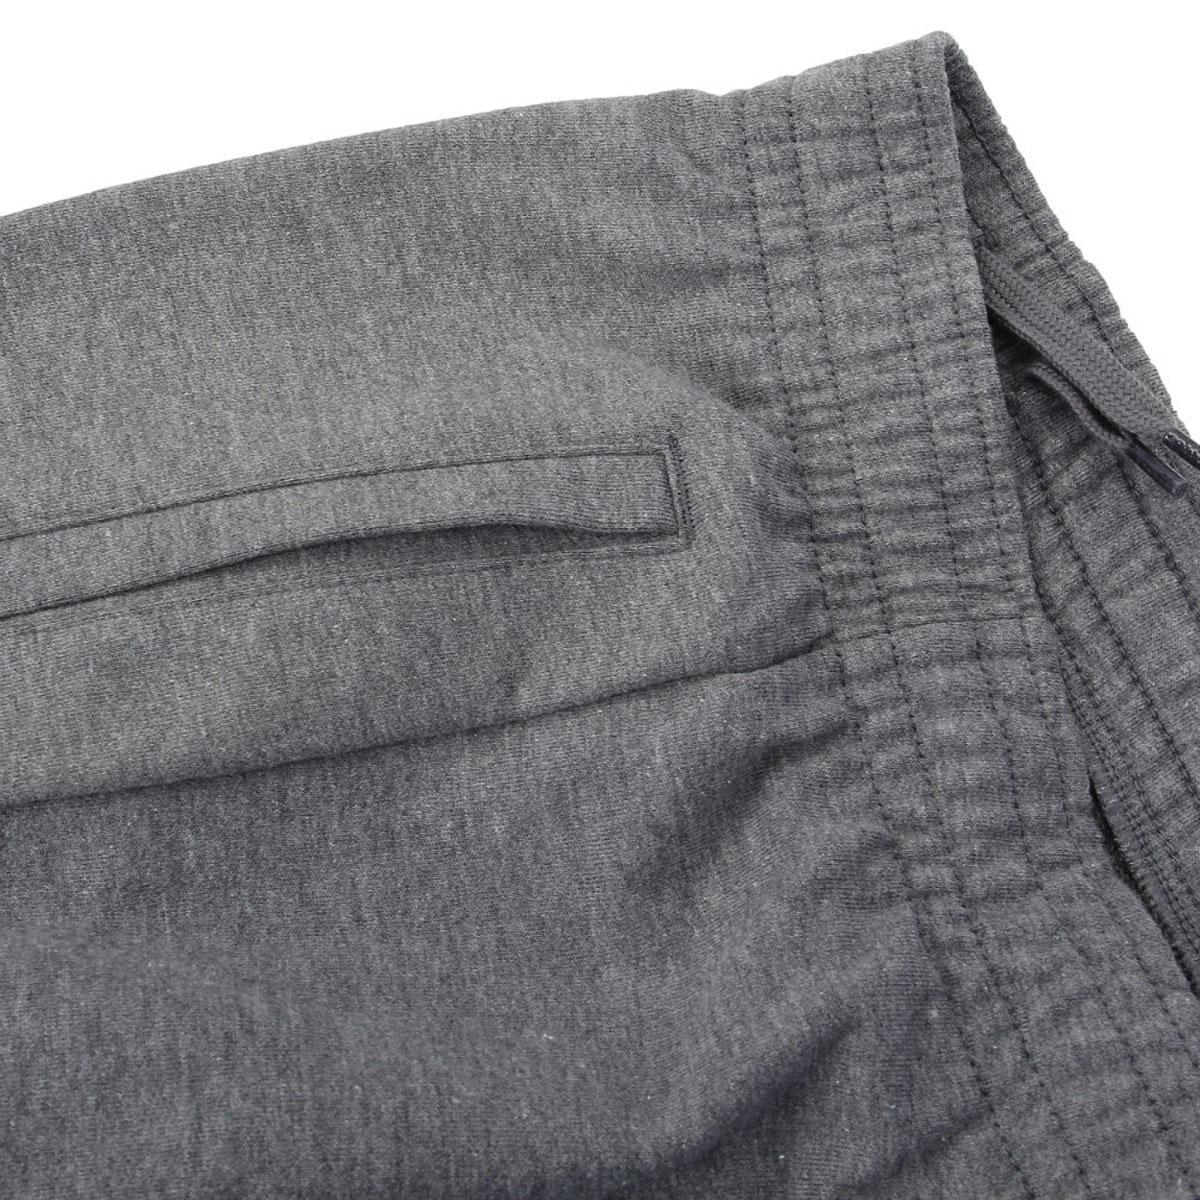 19901f7e4f36 Asics Sweater Suit Спортивные костюмы 142895 0798 купите в интернет  магазине Professionalsport в Москве с доставкой по РФ